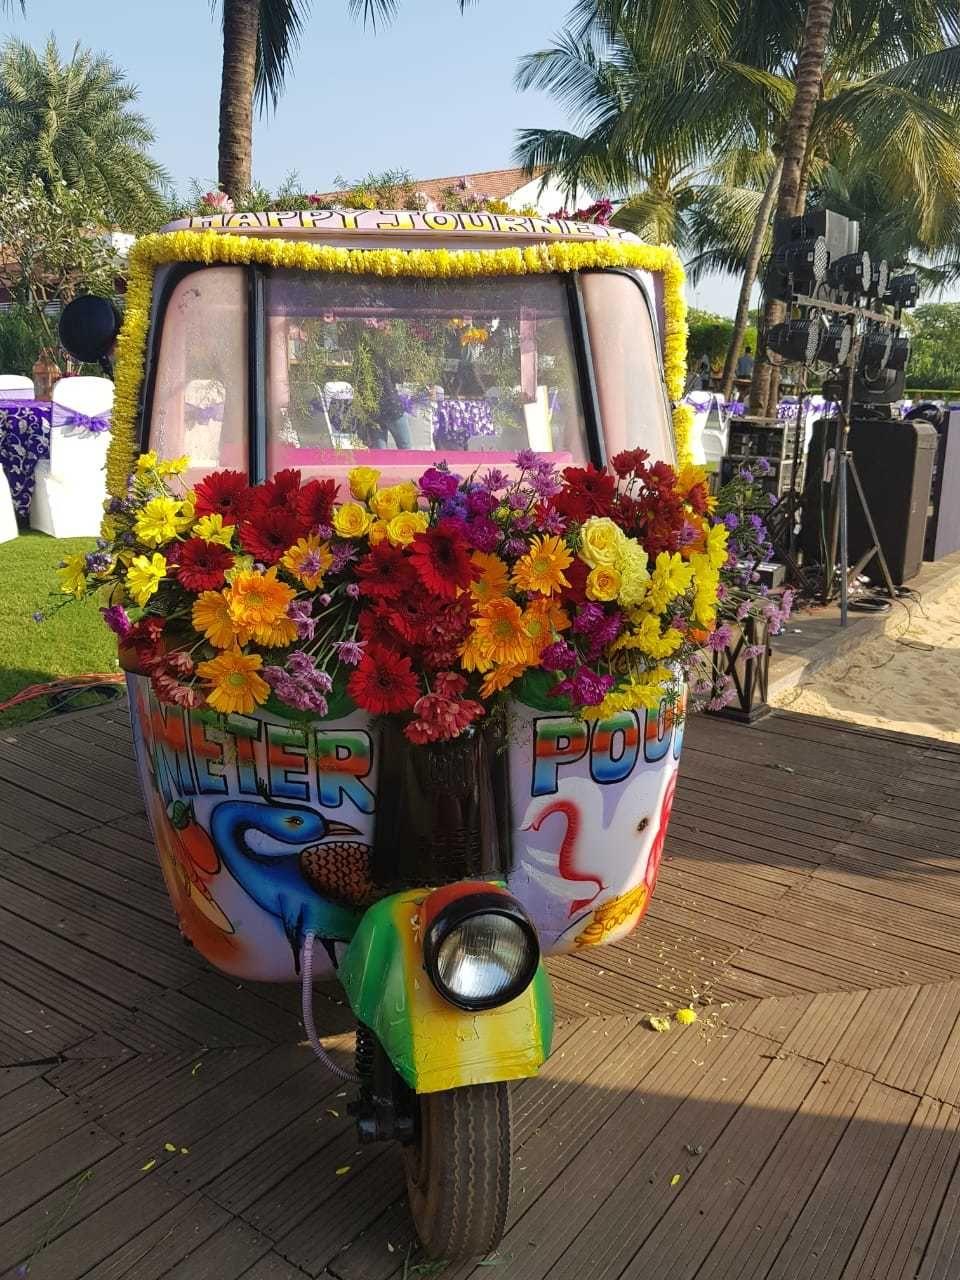 Photo From Falguni & Gareth - By Weddings by Garema Kumar